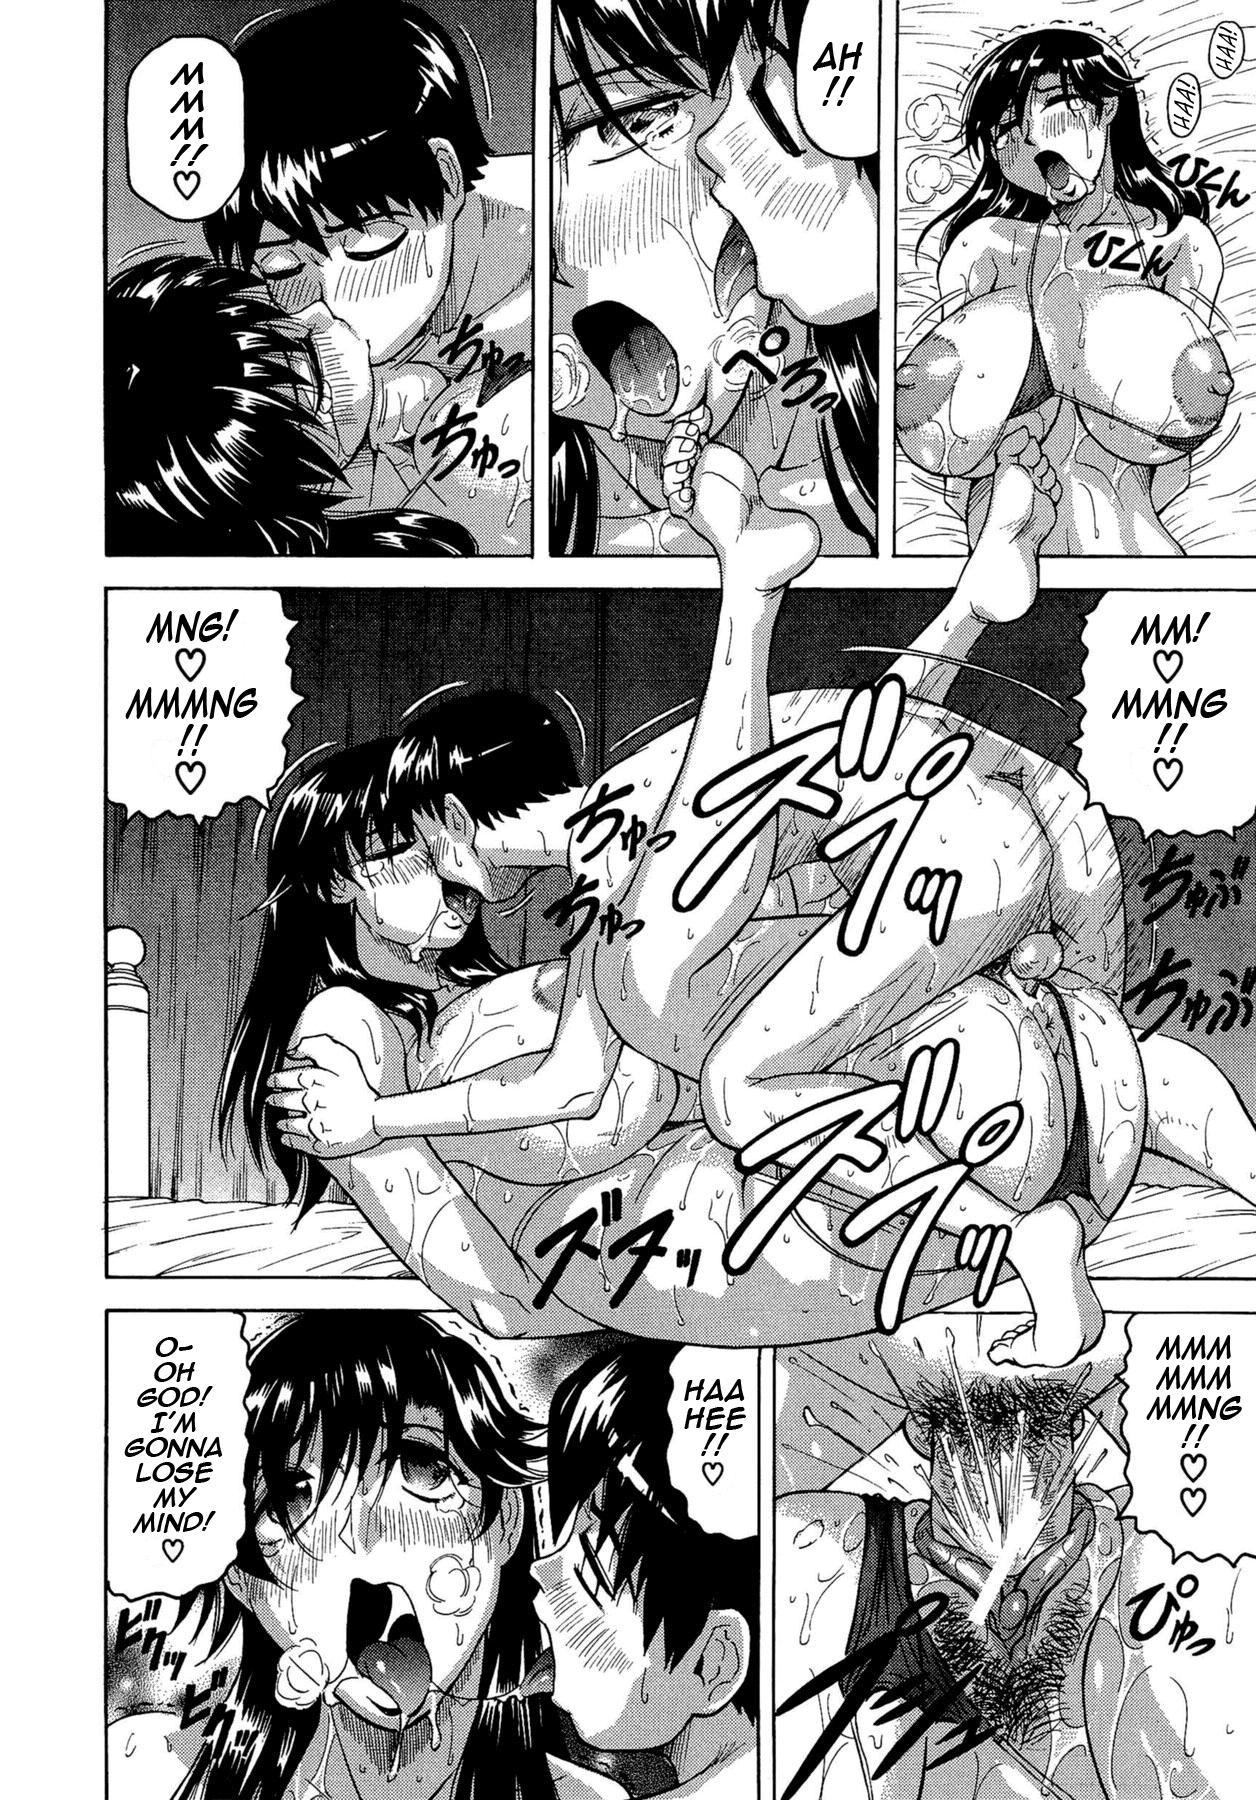 [Jamming] Koibito ha Tonari no Oneesan (Hatsujyouki) | My Lover is the Girl Next Door [English] {Tadanohito} 173